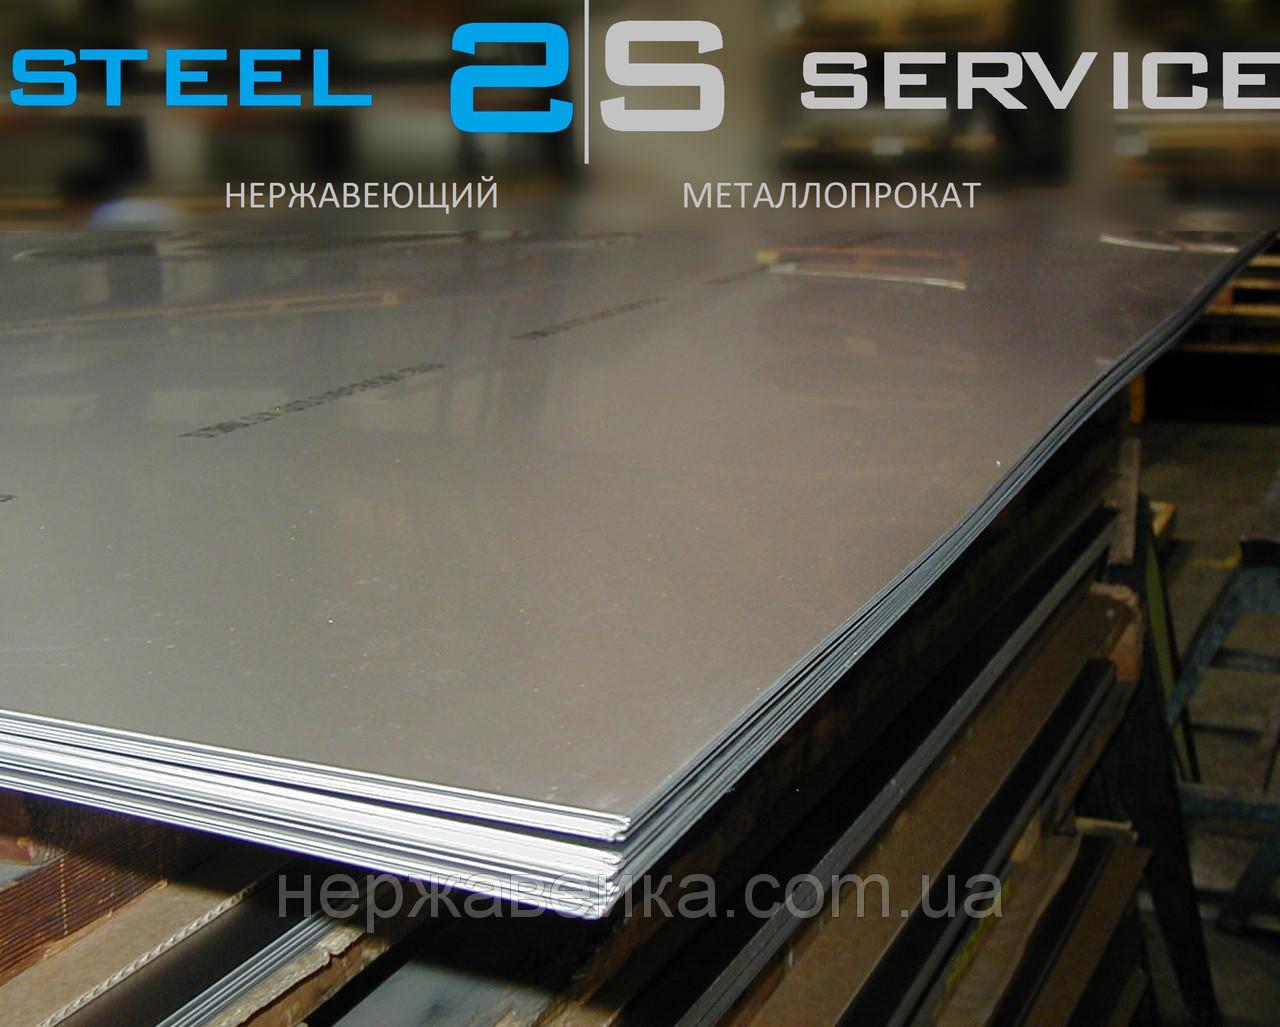 Нержавейка лист 6х1500х3000мм AISI 321(08Х18Н10Т) F1 - горячекатанный,  пищевой